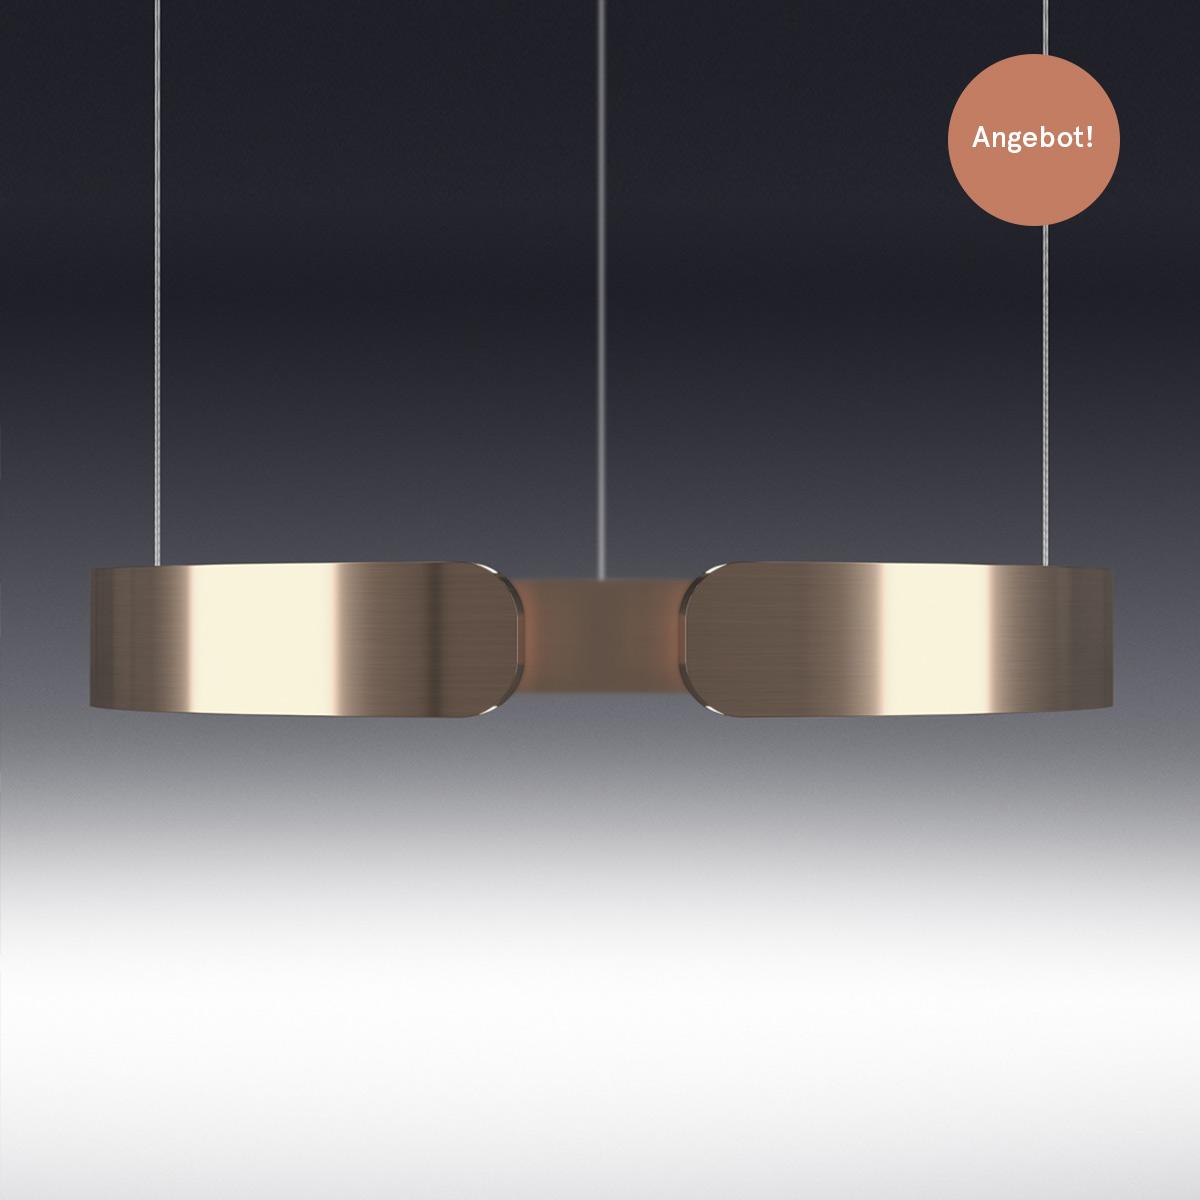 MITO – Sinnliches Design und raffinierte Lichttechnik